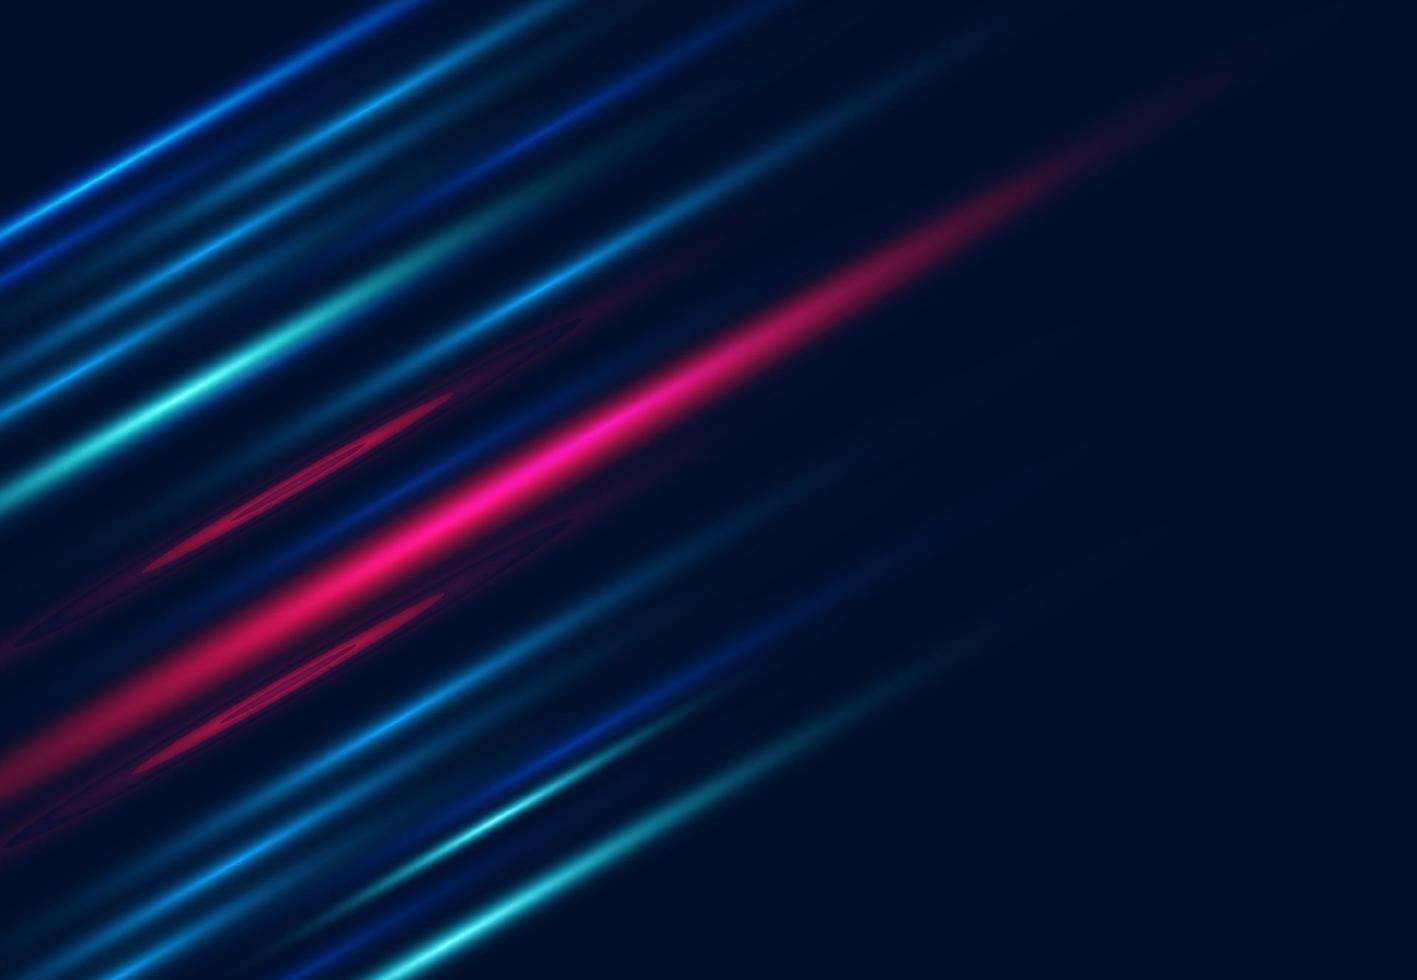 abstracte dynamische lijn en donkere achtergrond. snelheid bewegingsontwerp voor visitekaartje, omslag, banner, flyer. vector illustratie